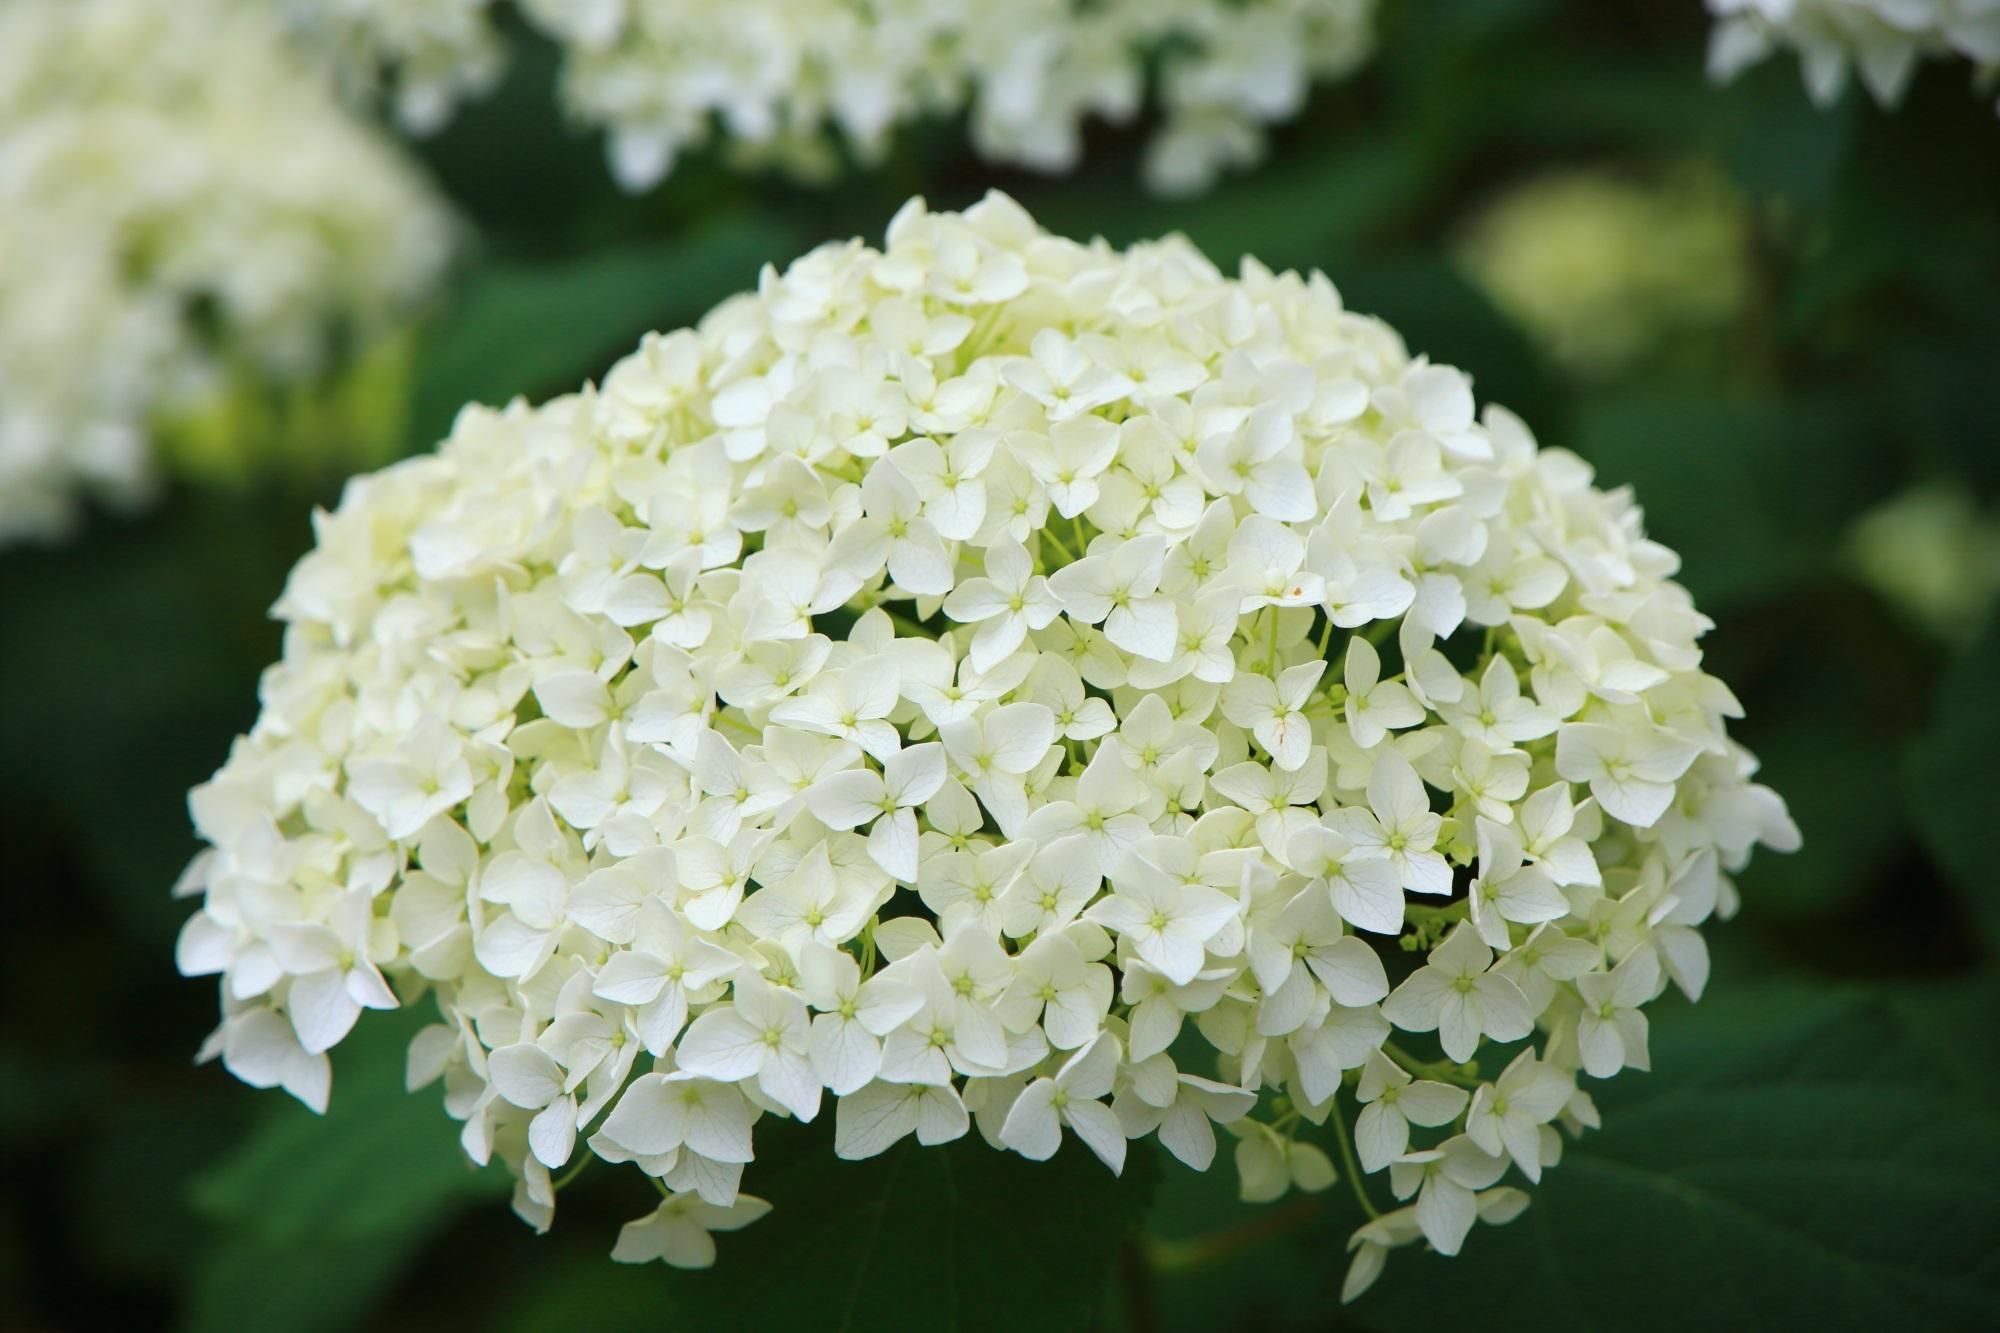 三室戸寺の枯山水庭園付近の小さな花びらの爽やかな白い紫陽花